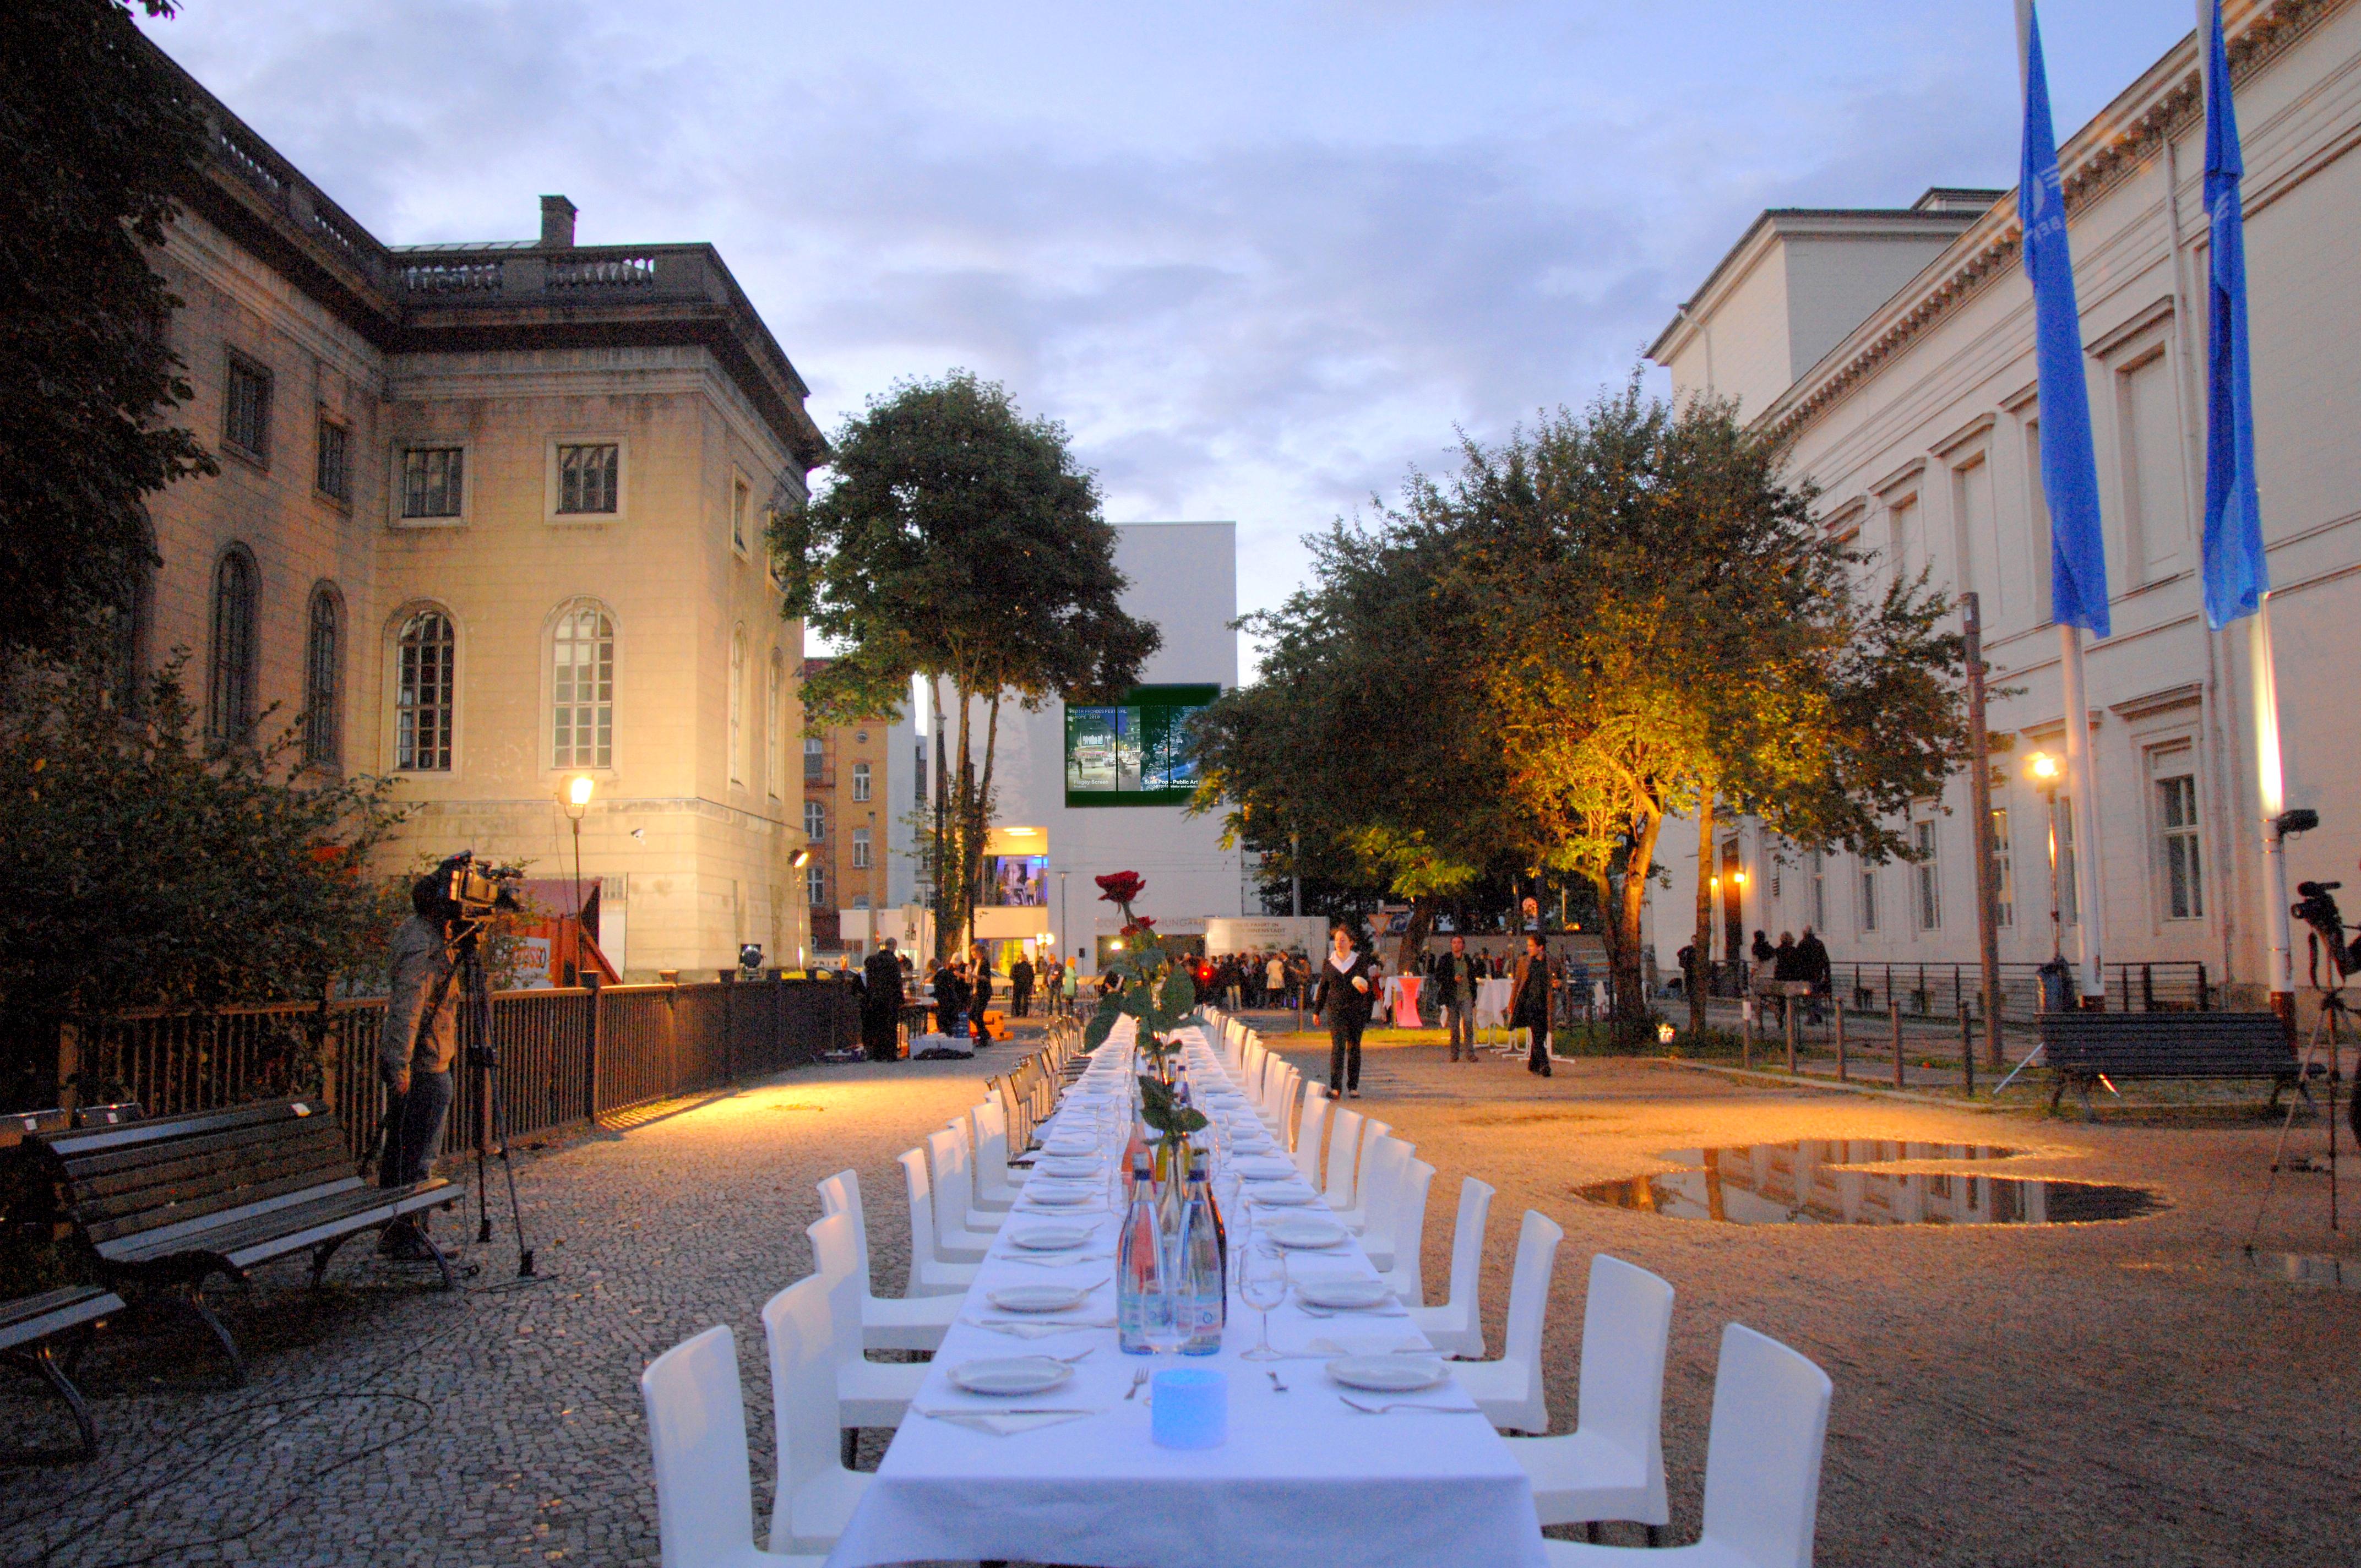 'Mobile Dinner' at Collegium Hungaricum in Berlin